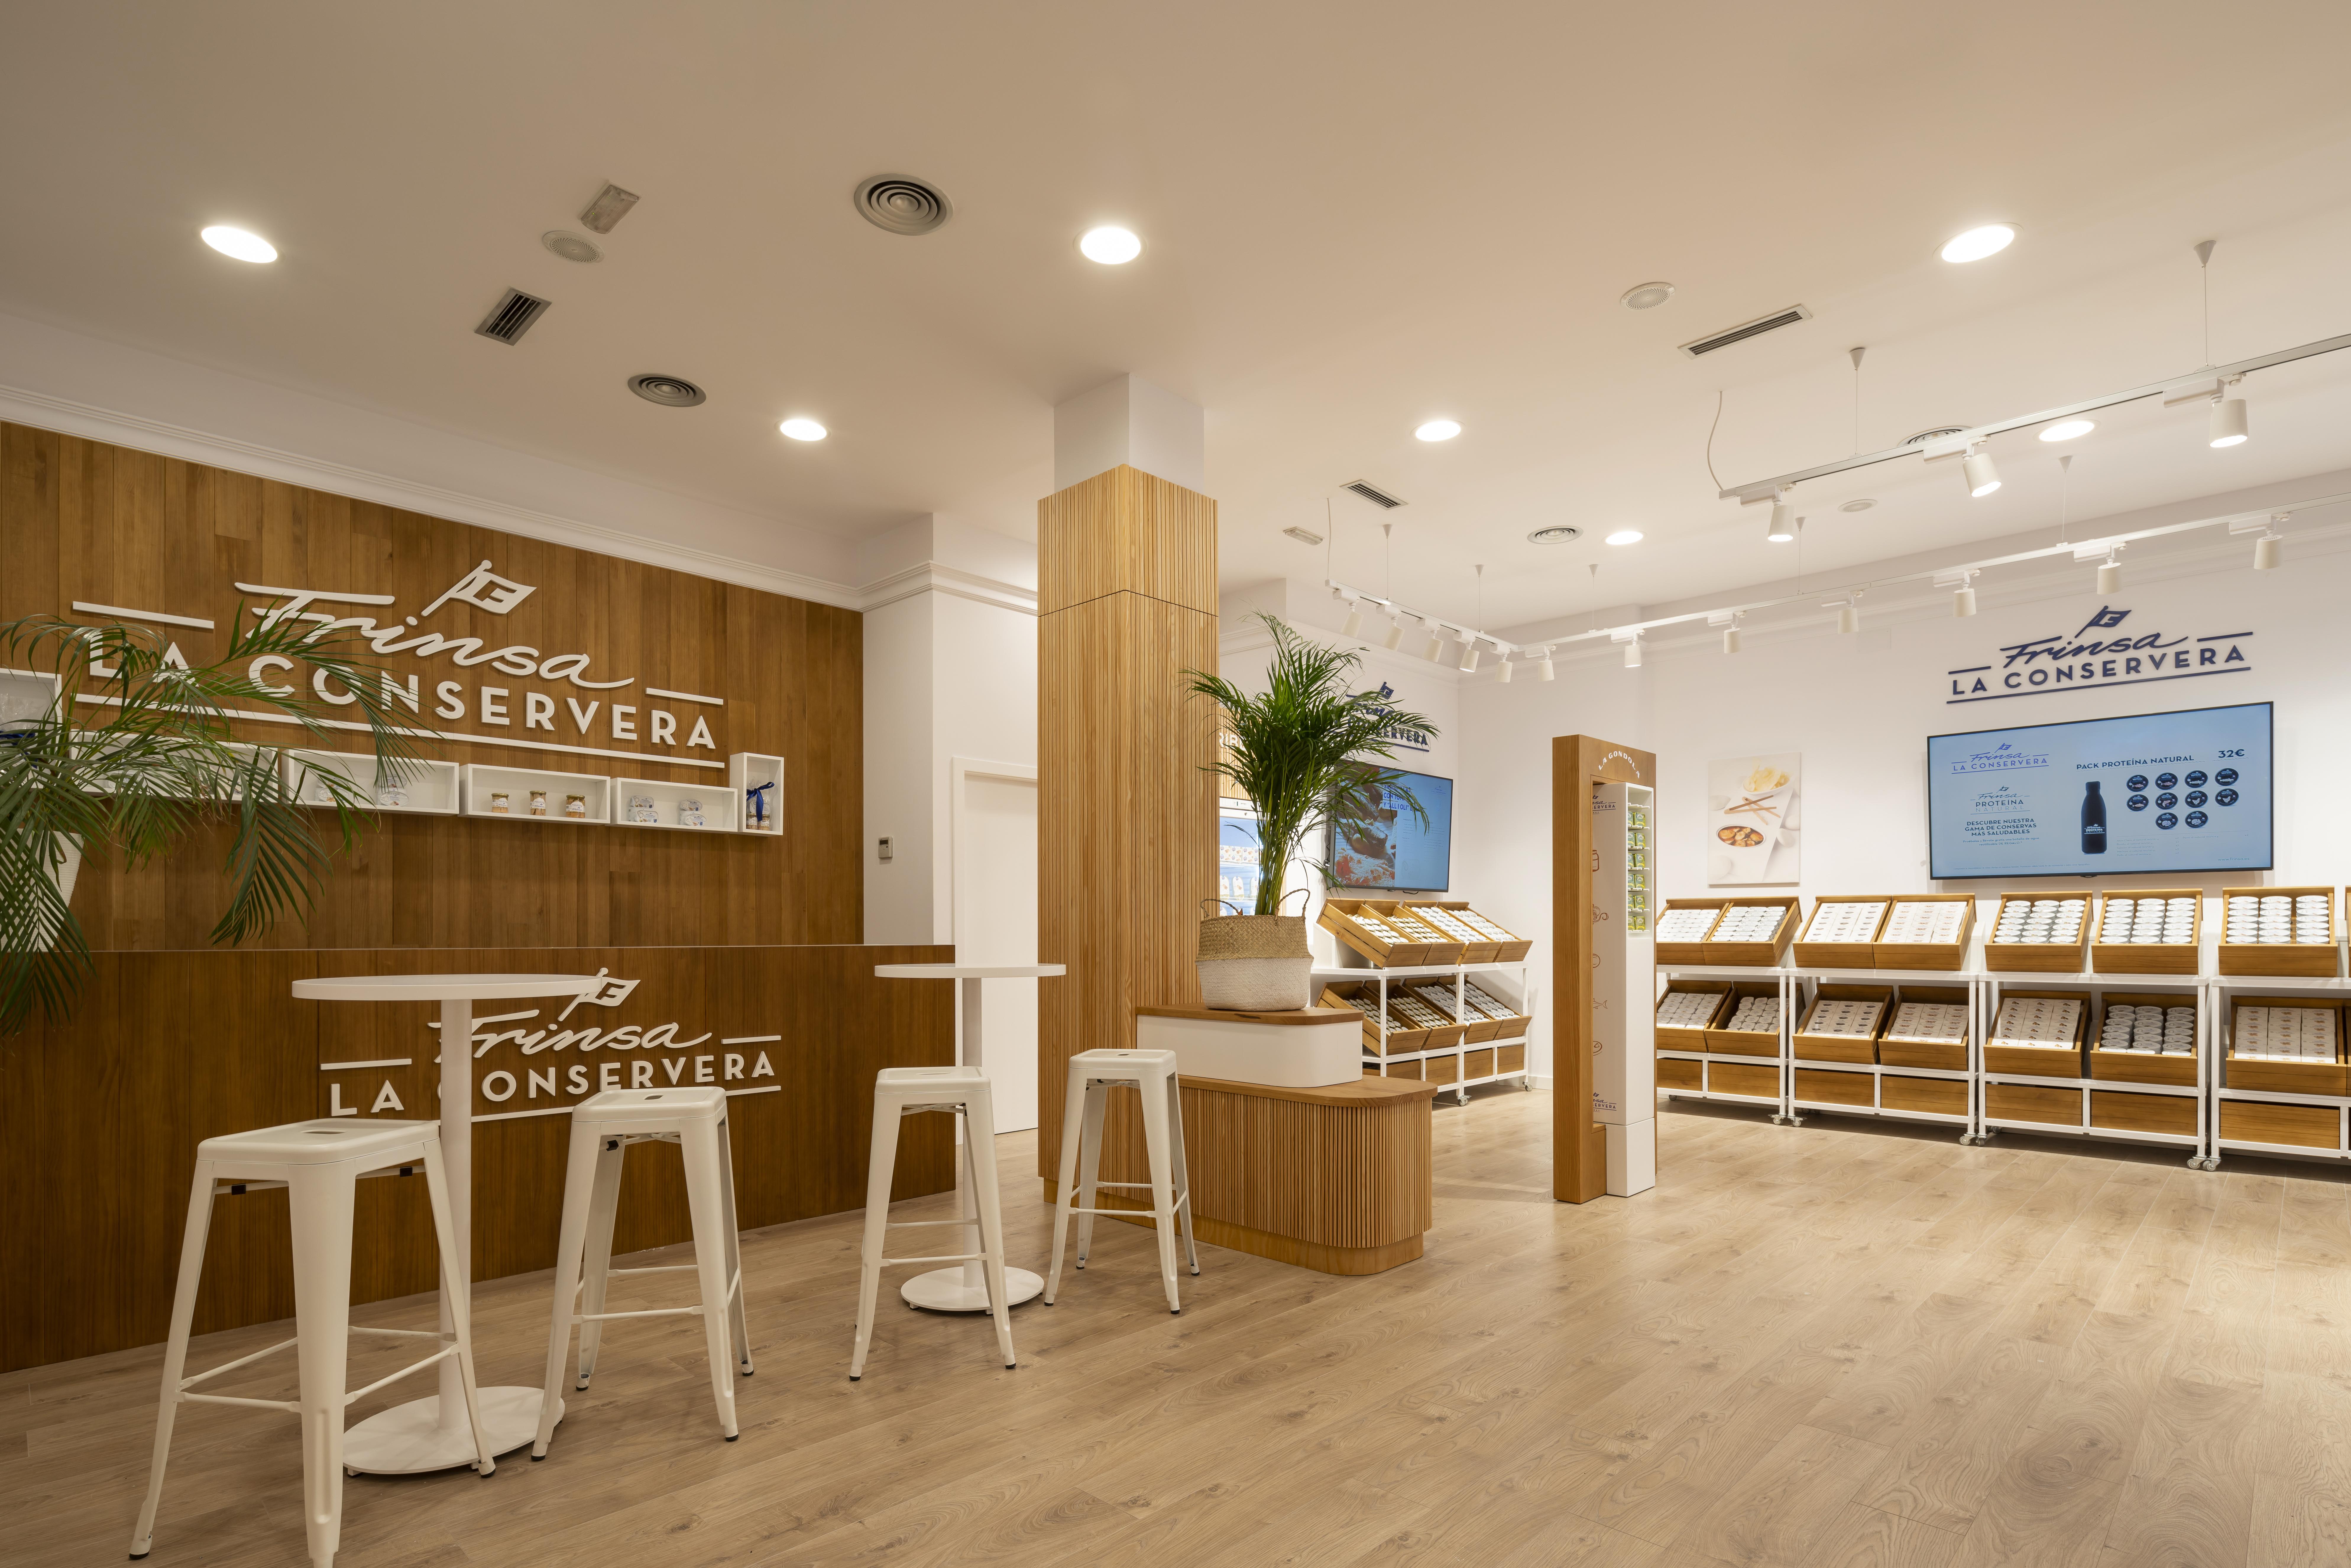 Frinsa inaugura oficialmente su nueva tienda en A Coruña